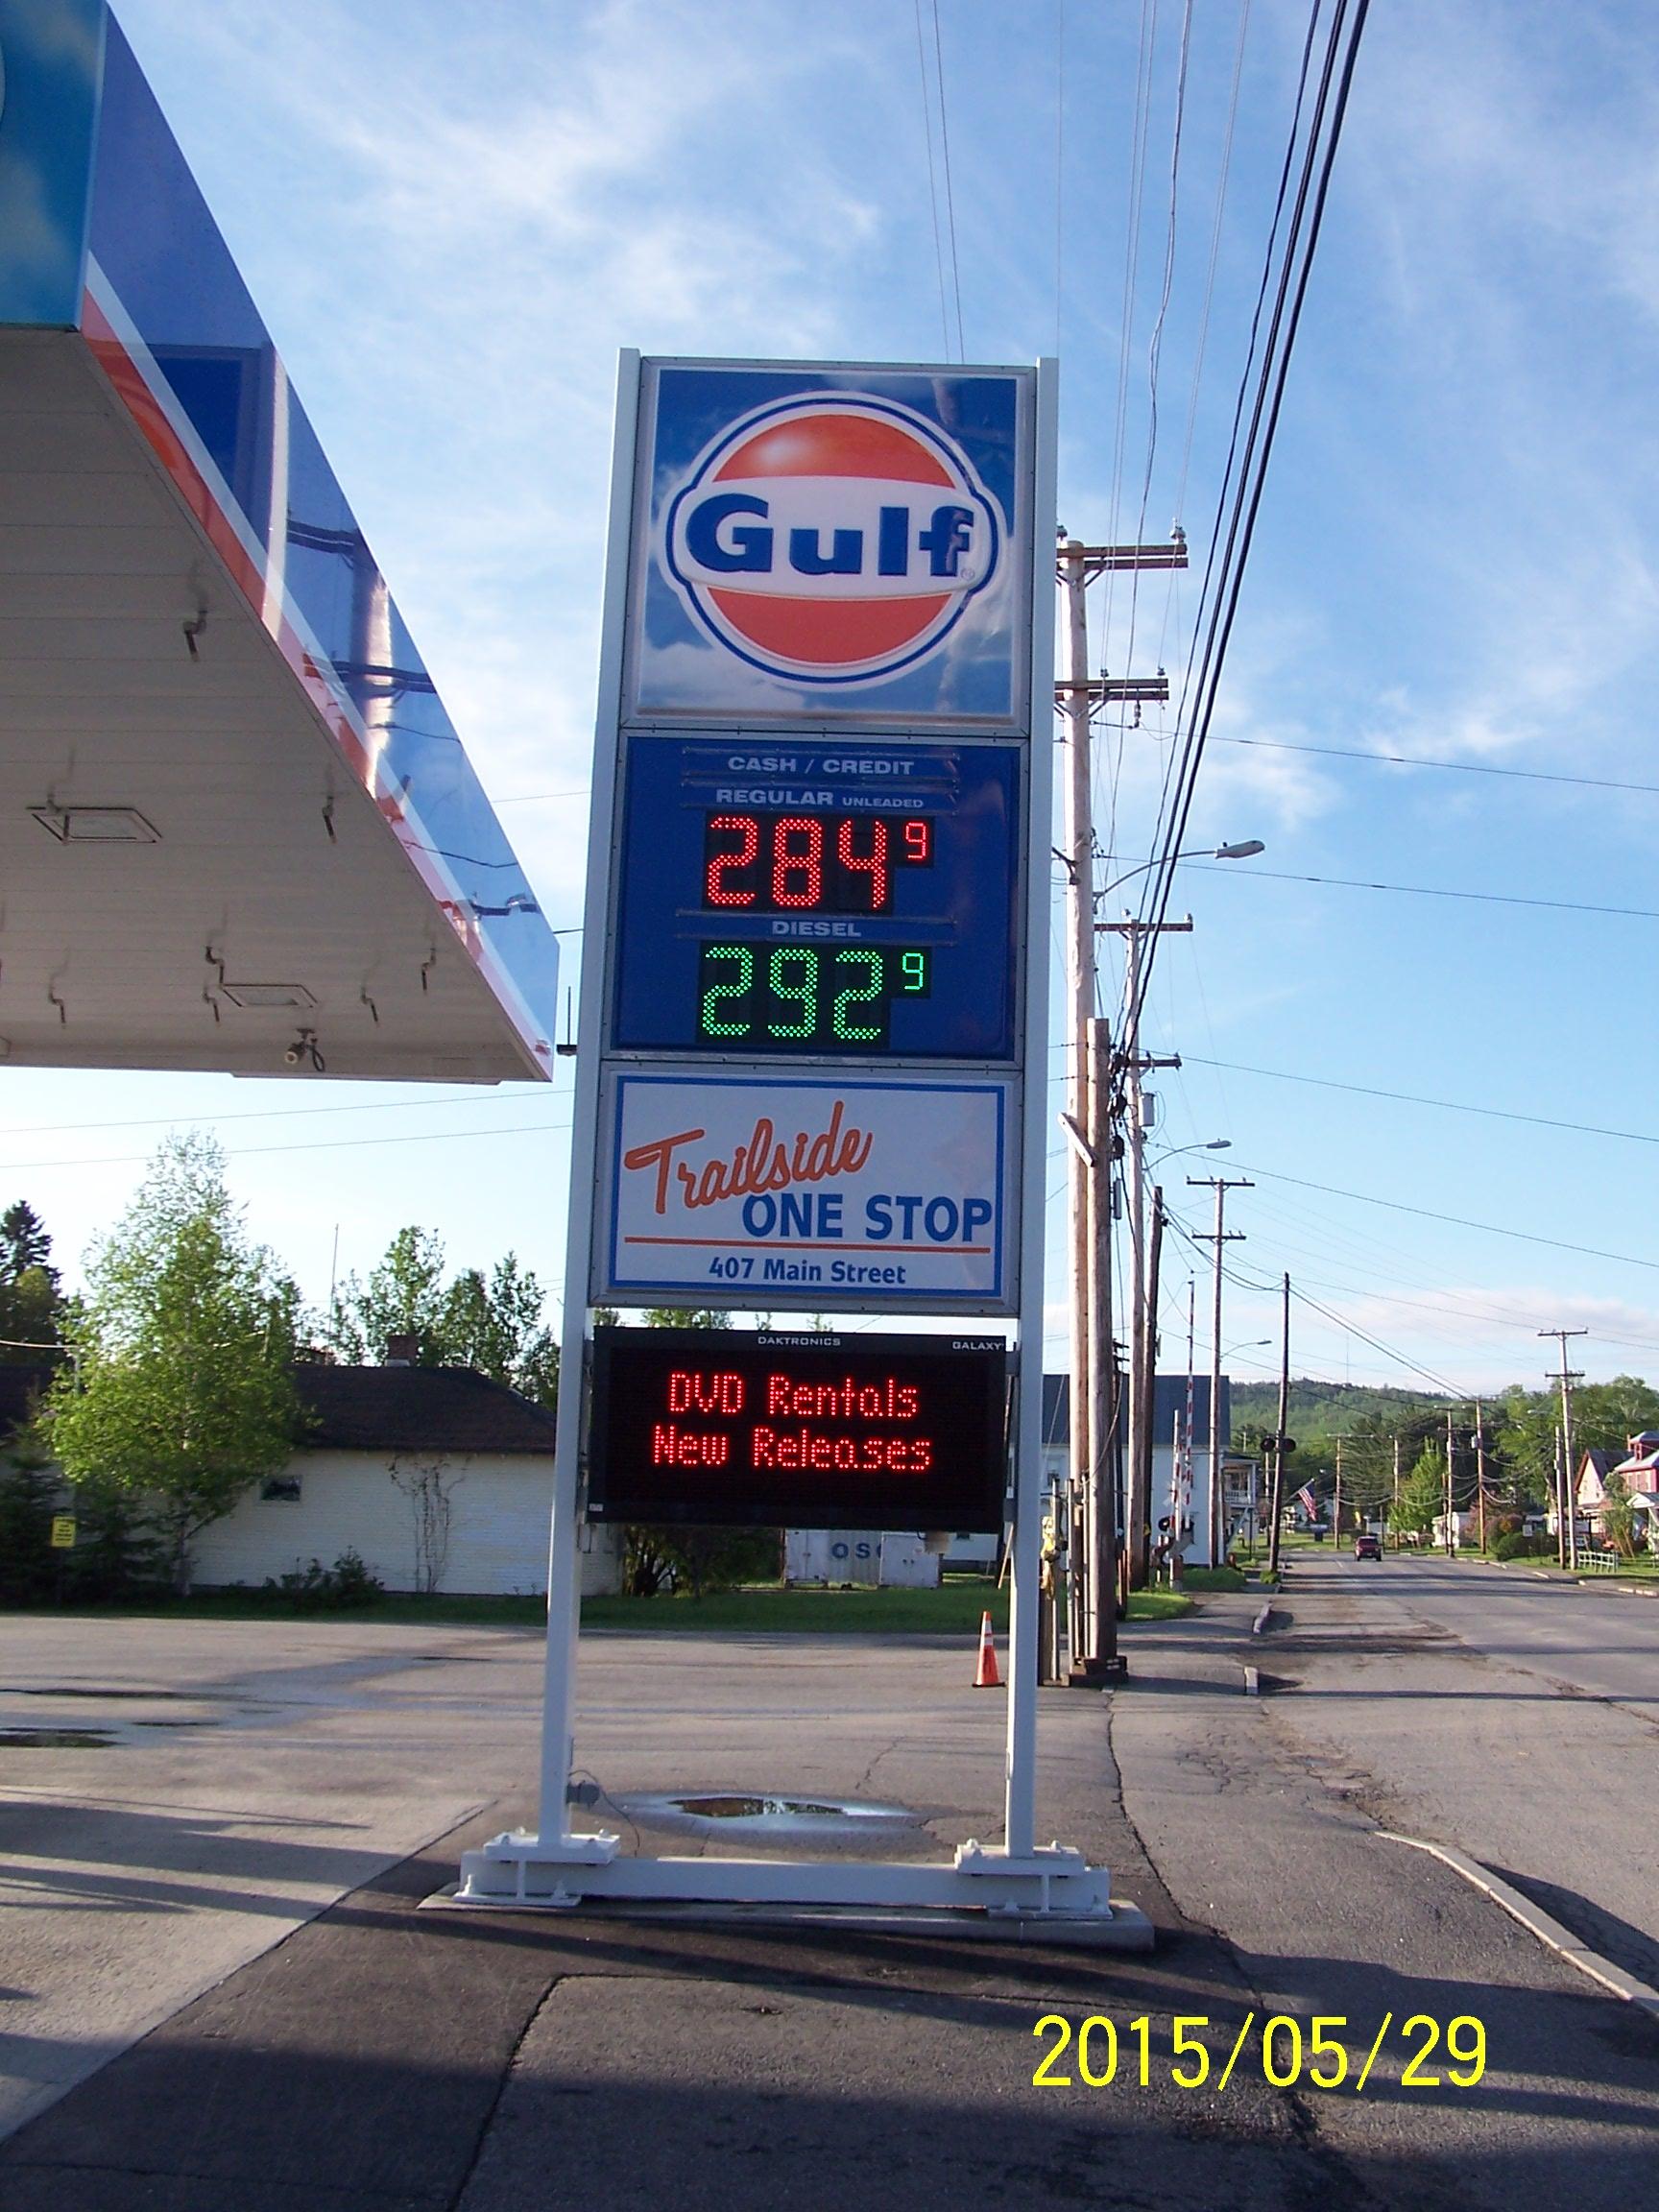 le prix de l essence gas prices accueil home guide canadien achats aux tats unis. Black Bedroom Furniture Sets. Home Design Ideas